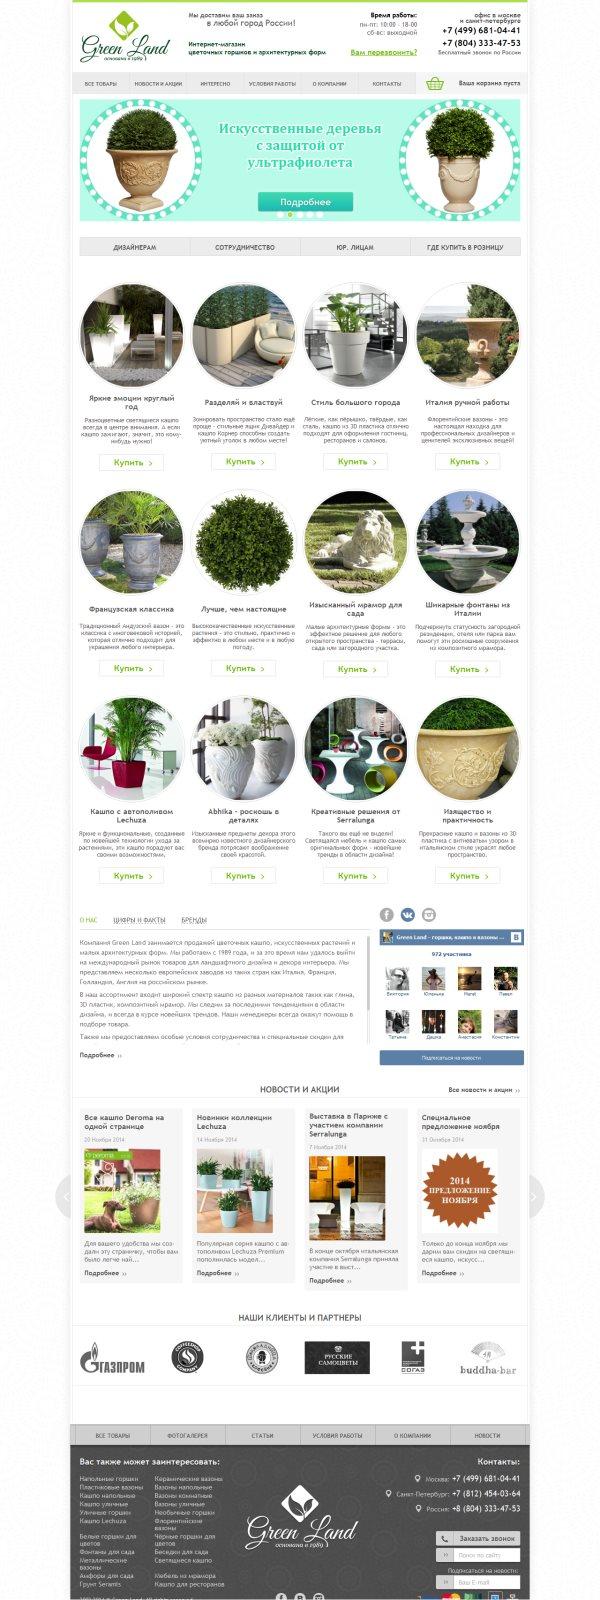 Инернет-магазин цветочных горшок и архитектурных форм Green-Land